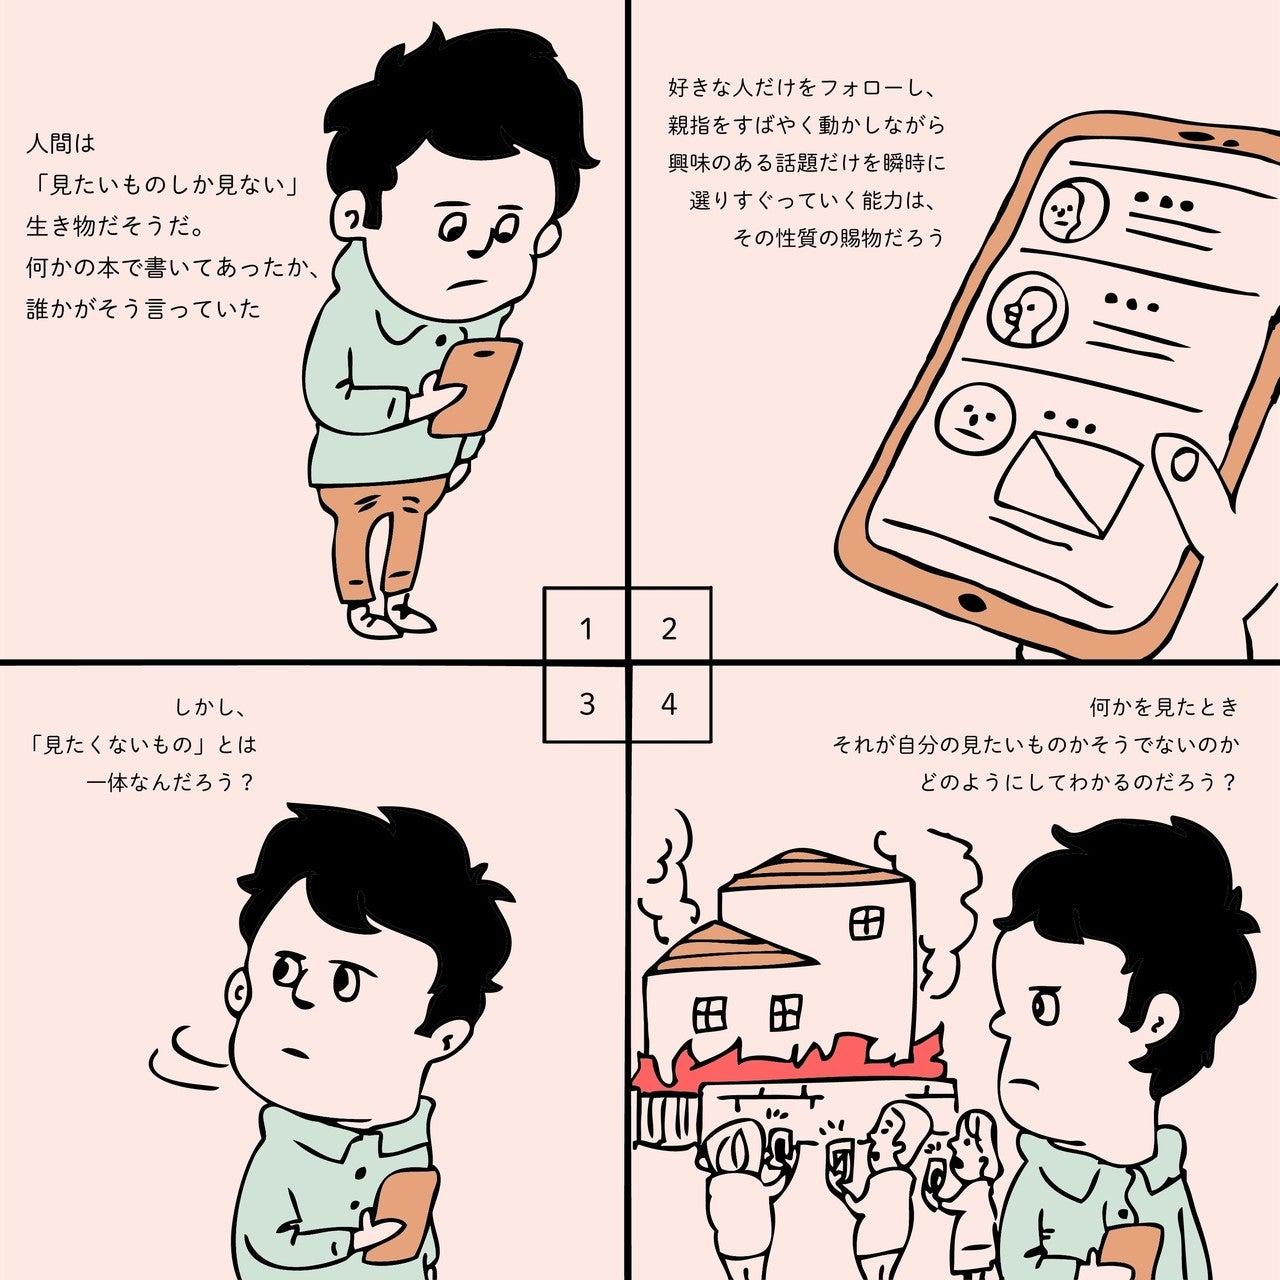 18-0314-報道局1マンガ